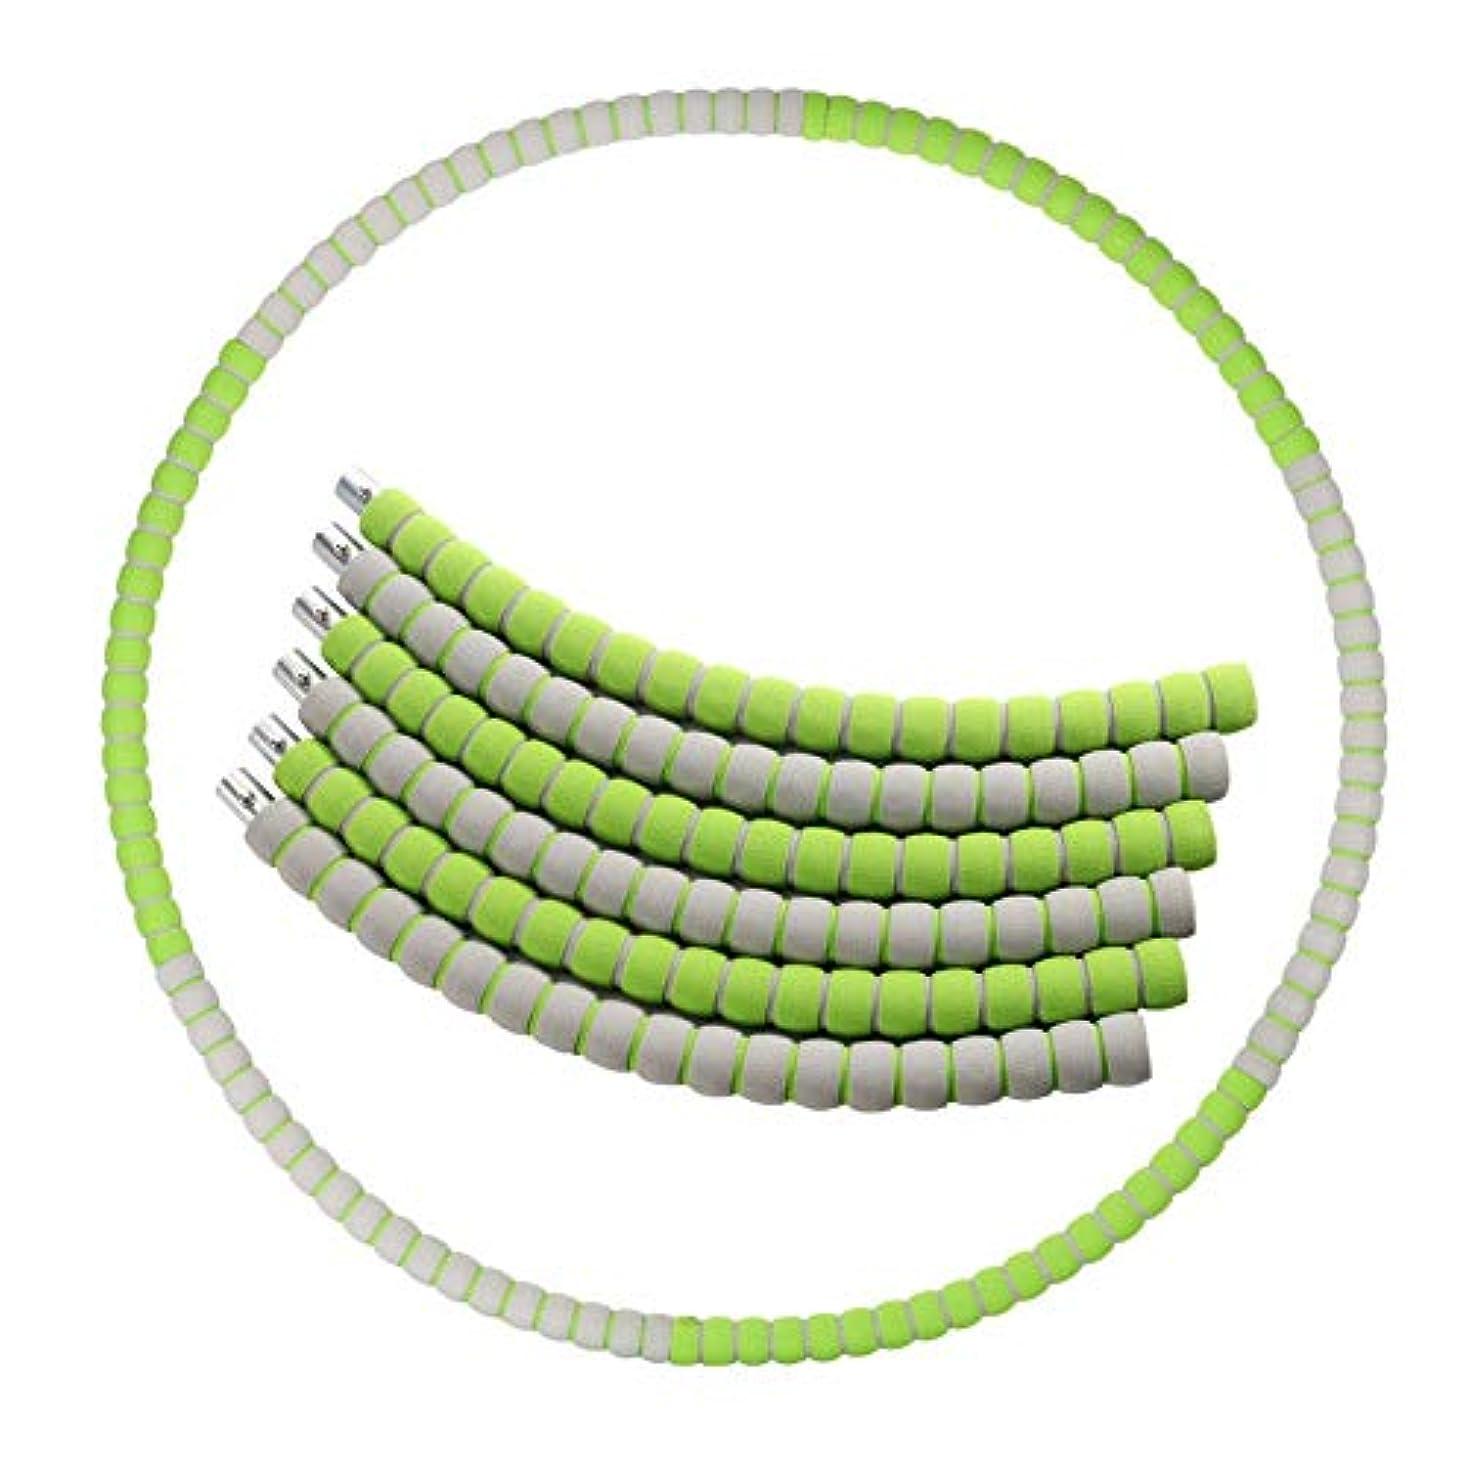 言い訳フリンジ公演6節フラフープフィットネス取り外し可能な82センチメートルフォームパッド入りは大人と青少年のために、自由に簡単なクイックコンパクトを増加させることができます。 (Color : Green)